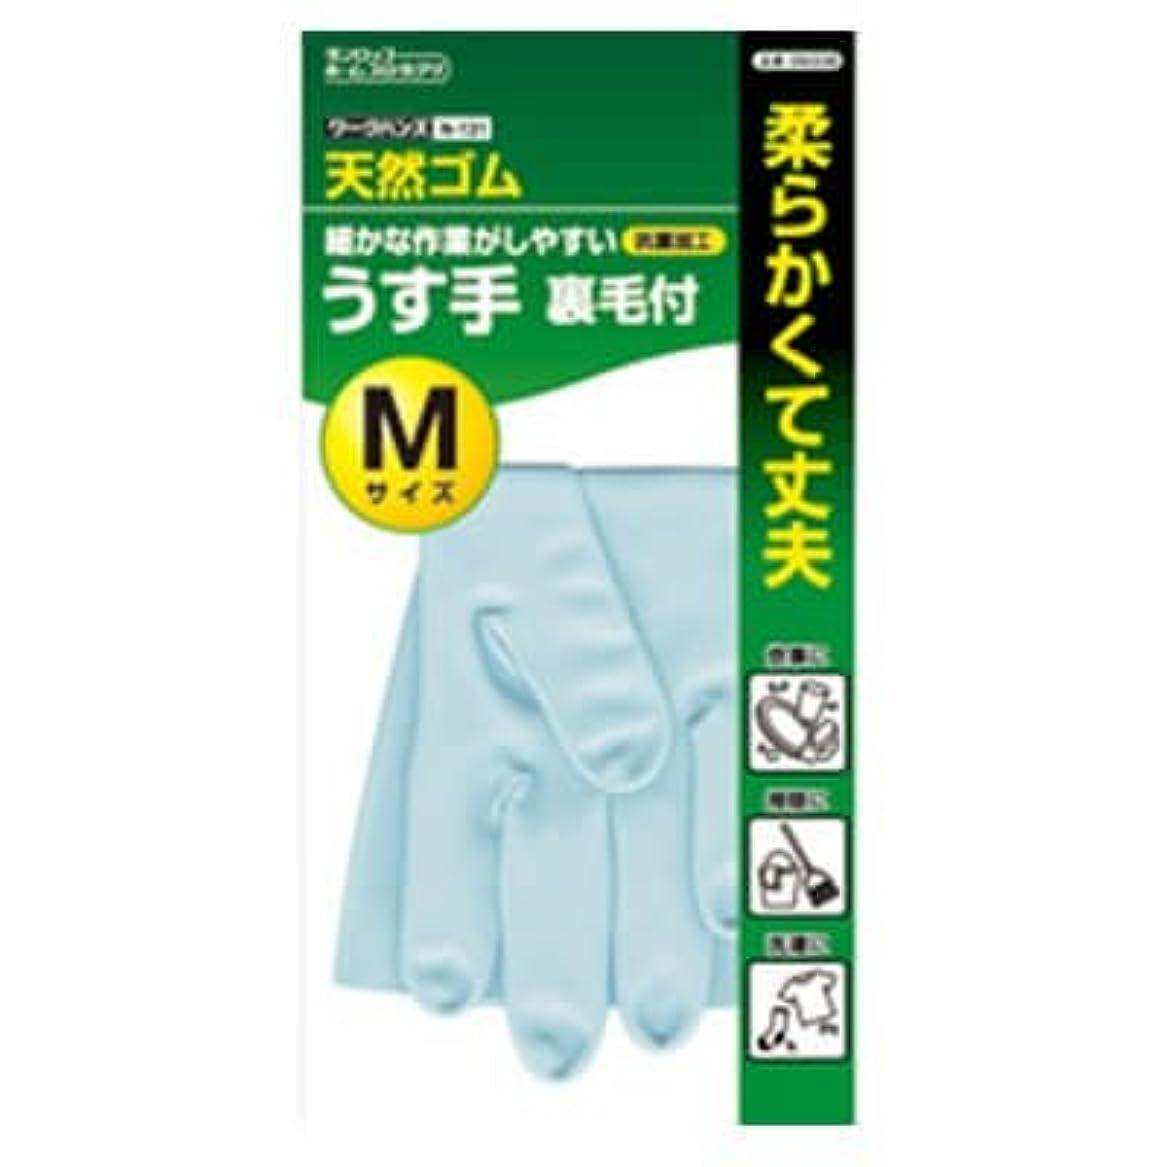 櫛盗難開梱【ケース販売】 ダンロップ ワークハンズ N-131 天然ゴムうす手 M ブルー (10双×24袋)